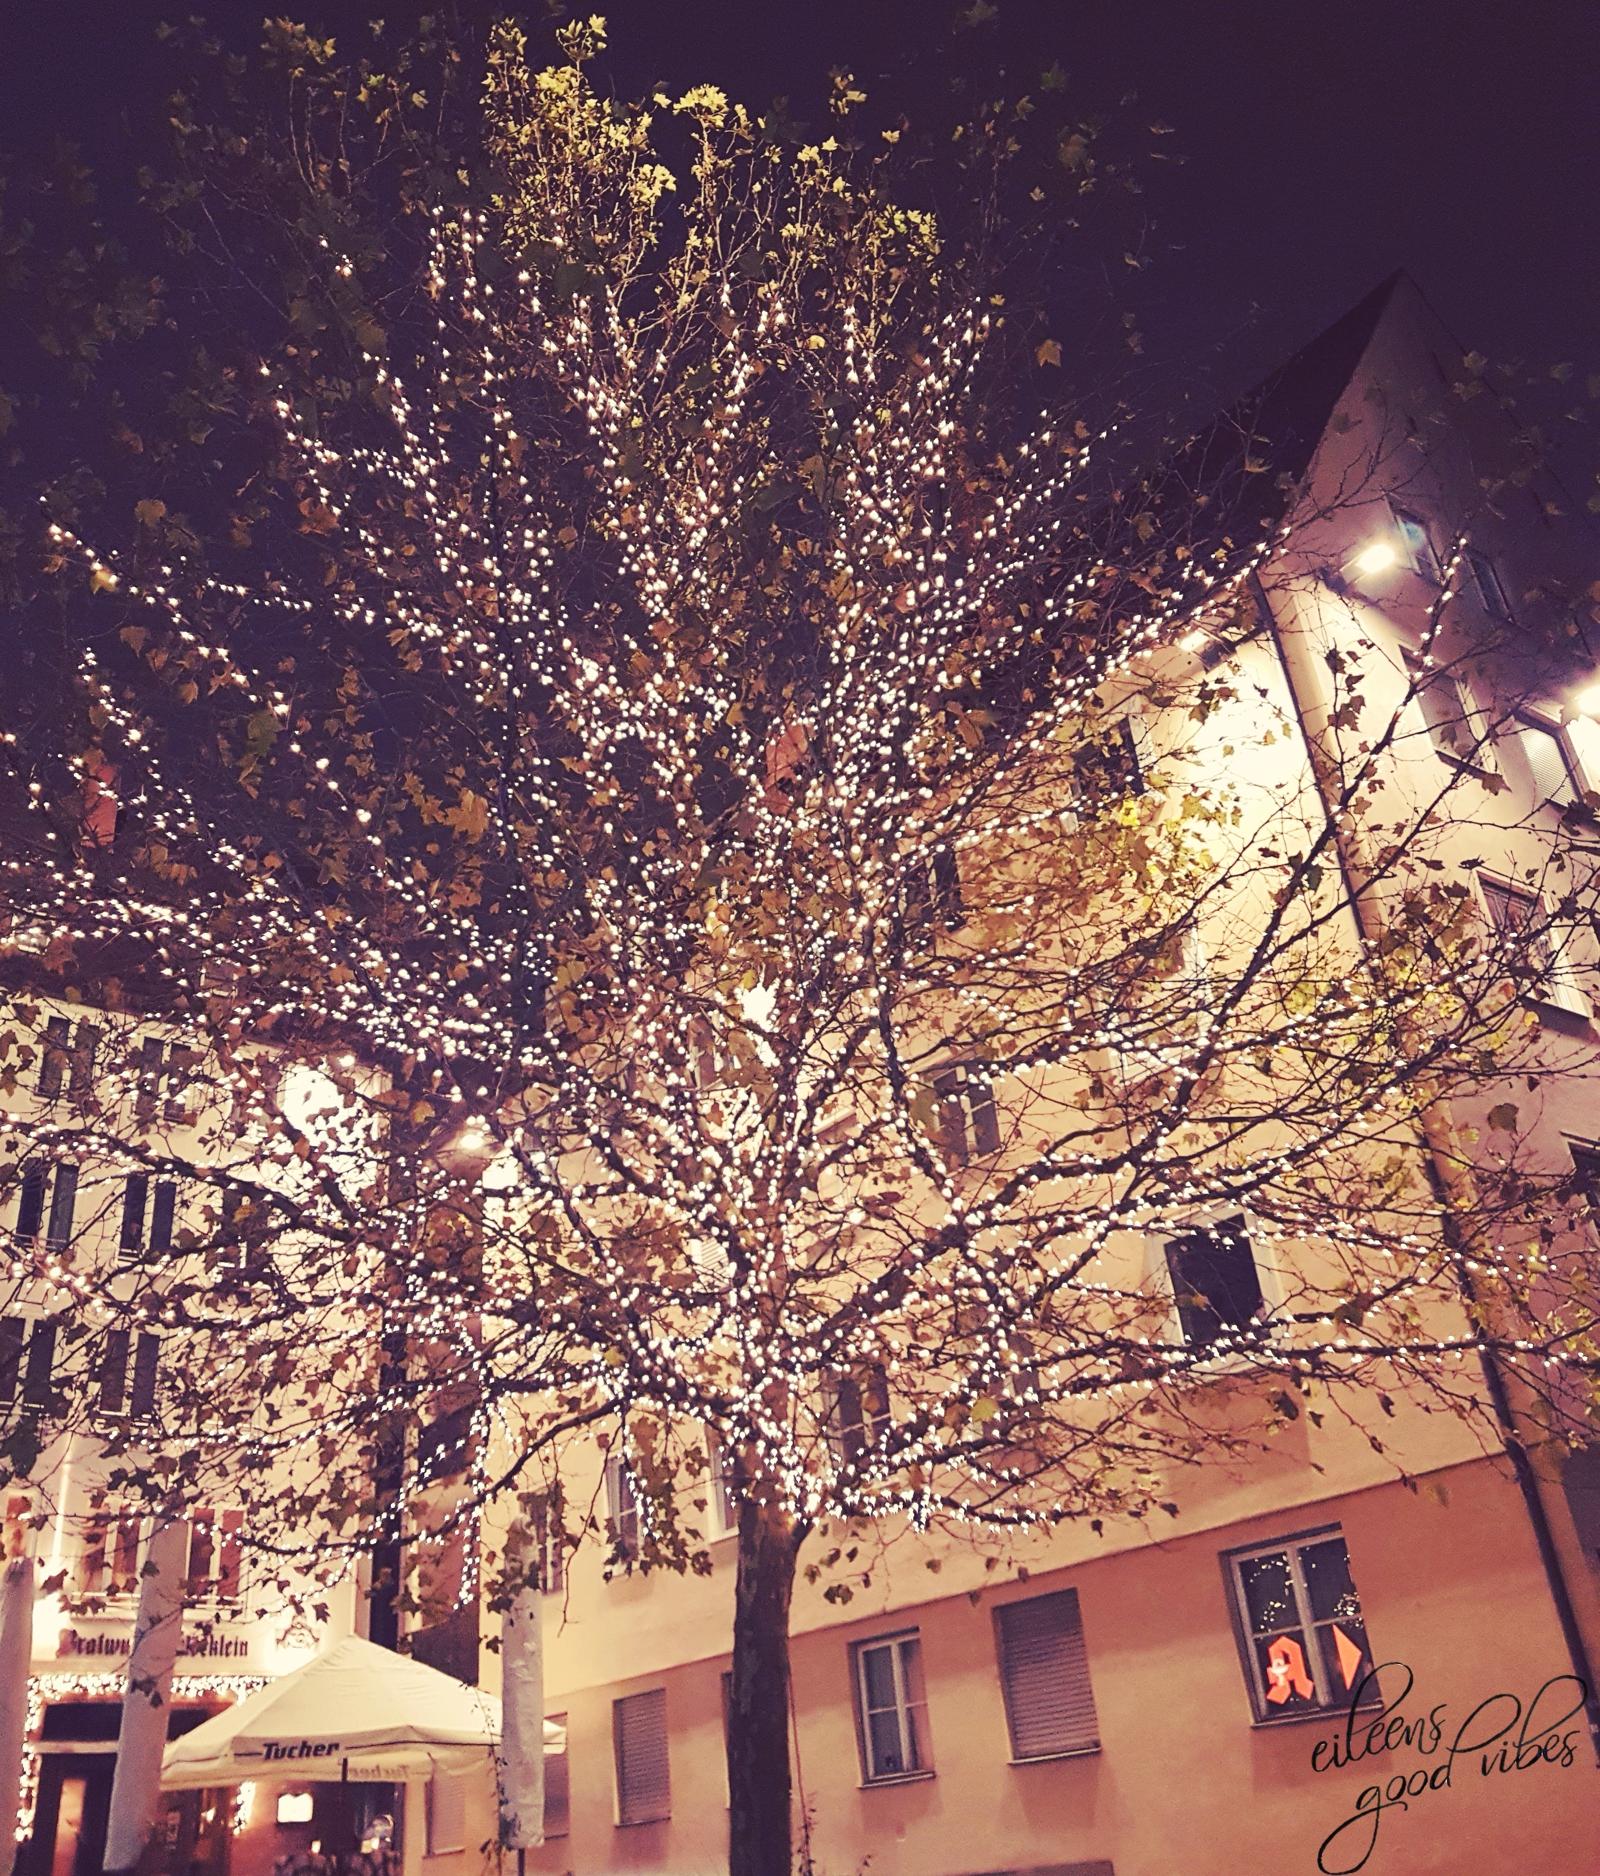 Beleuchteter Baum, Weihnachten, Christmas, winter bucket list, eileens good vibes